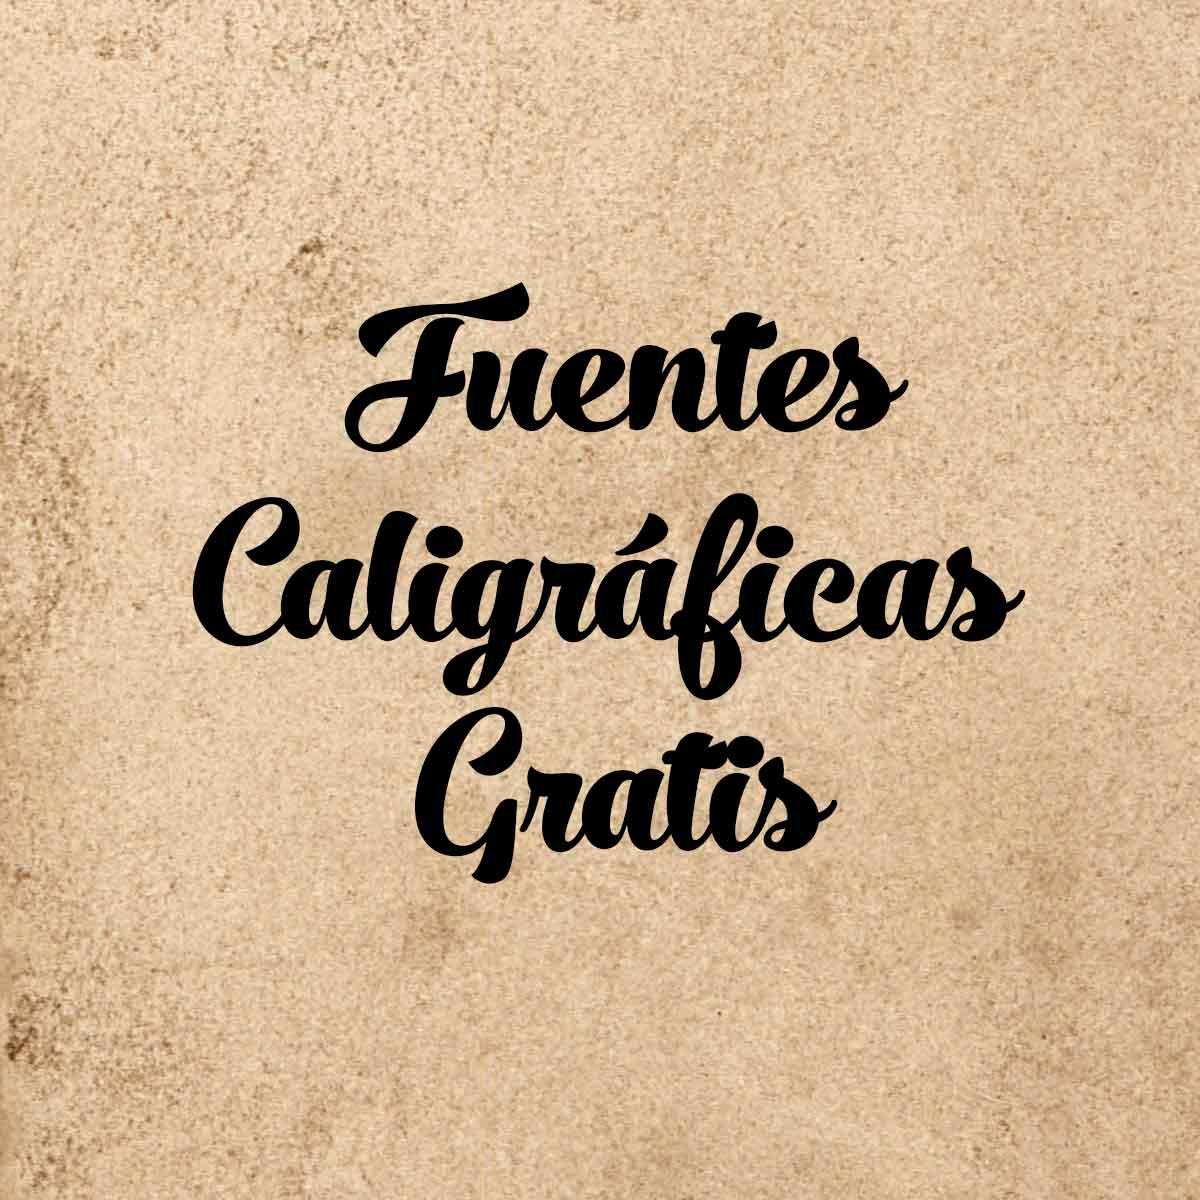 Fuentes caligráficas gratis para diseño gráfico.